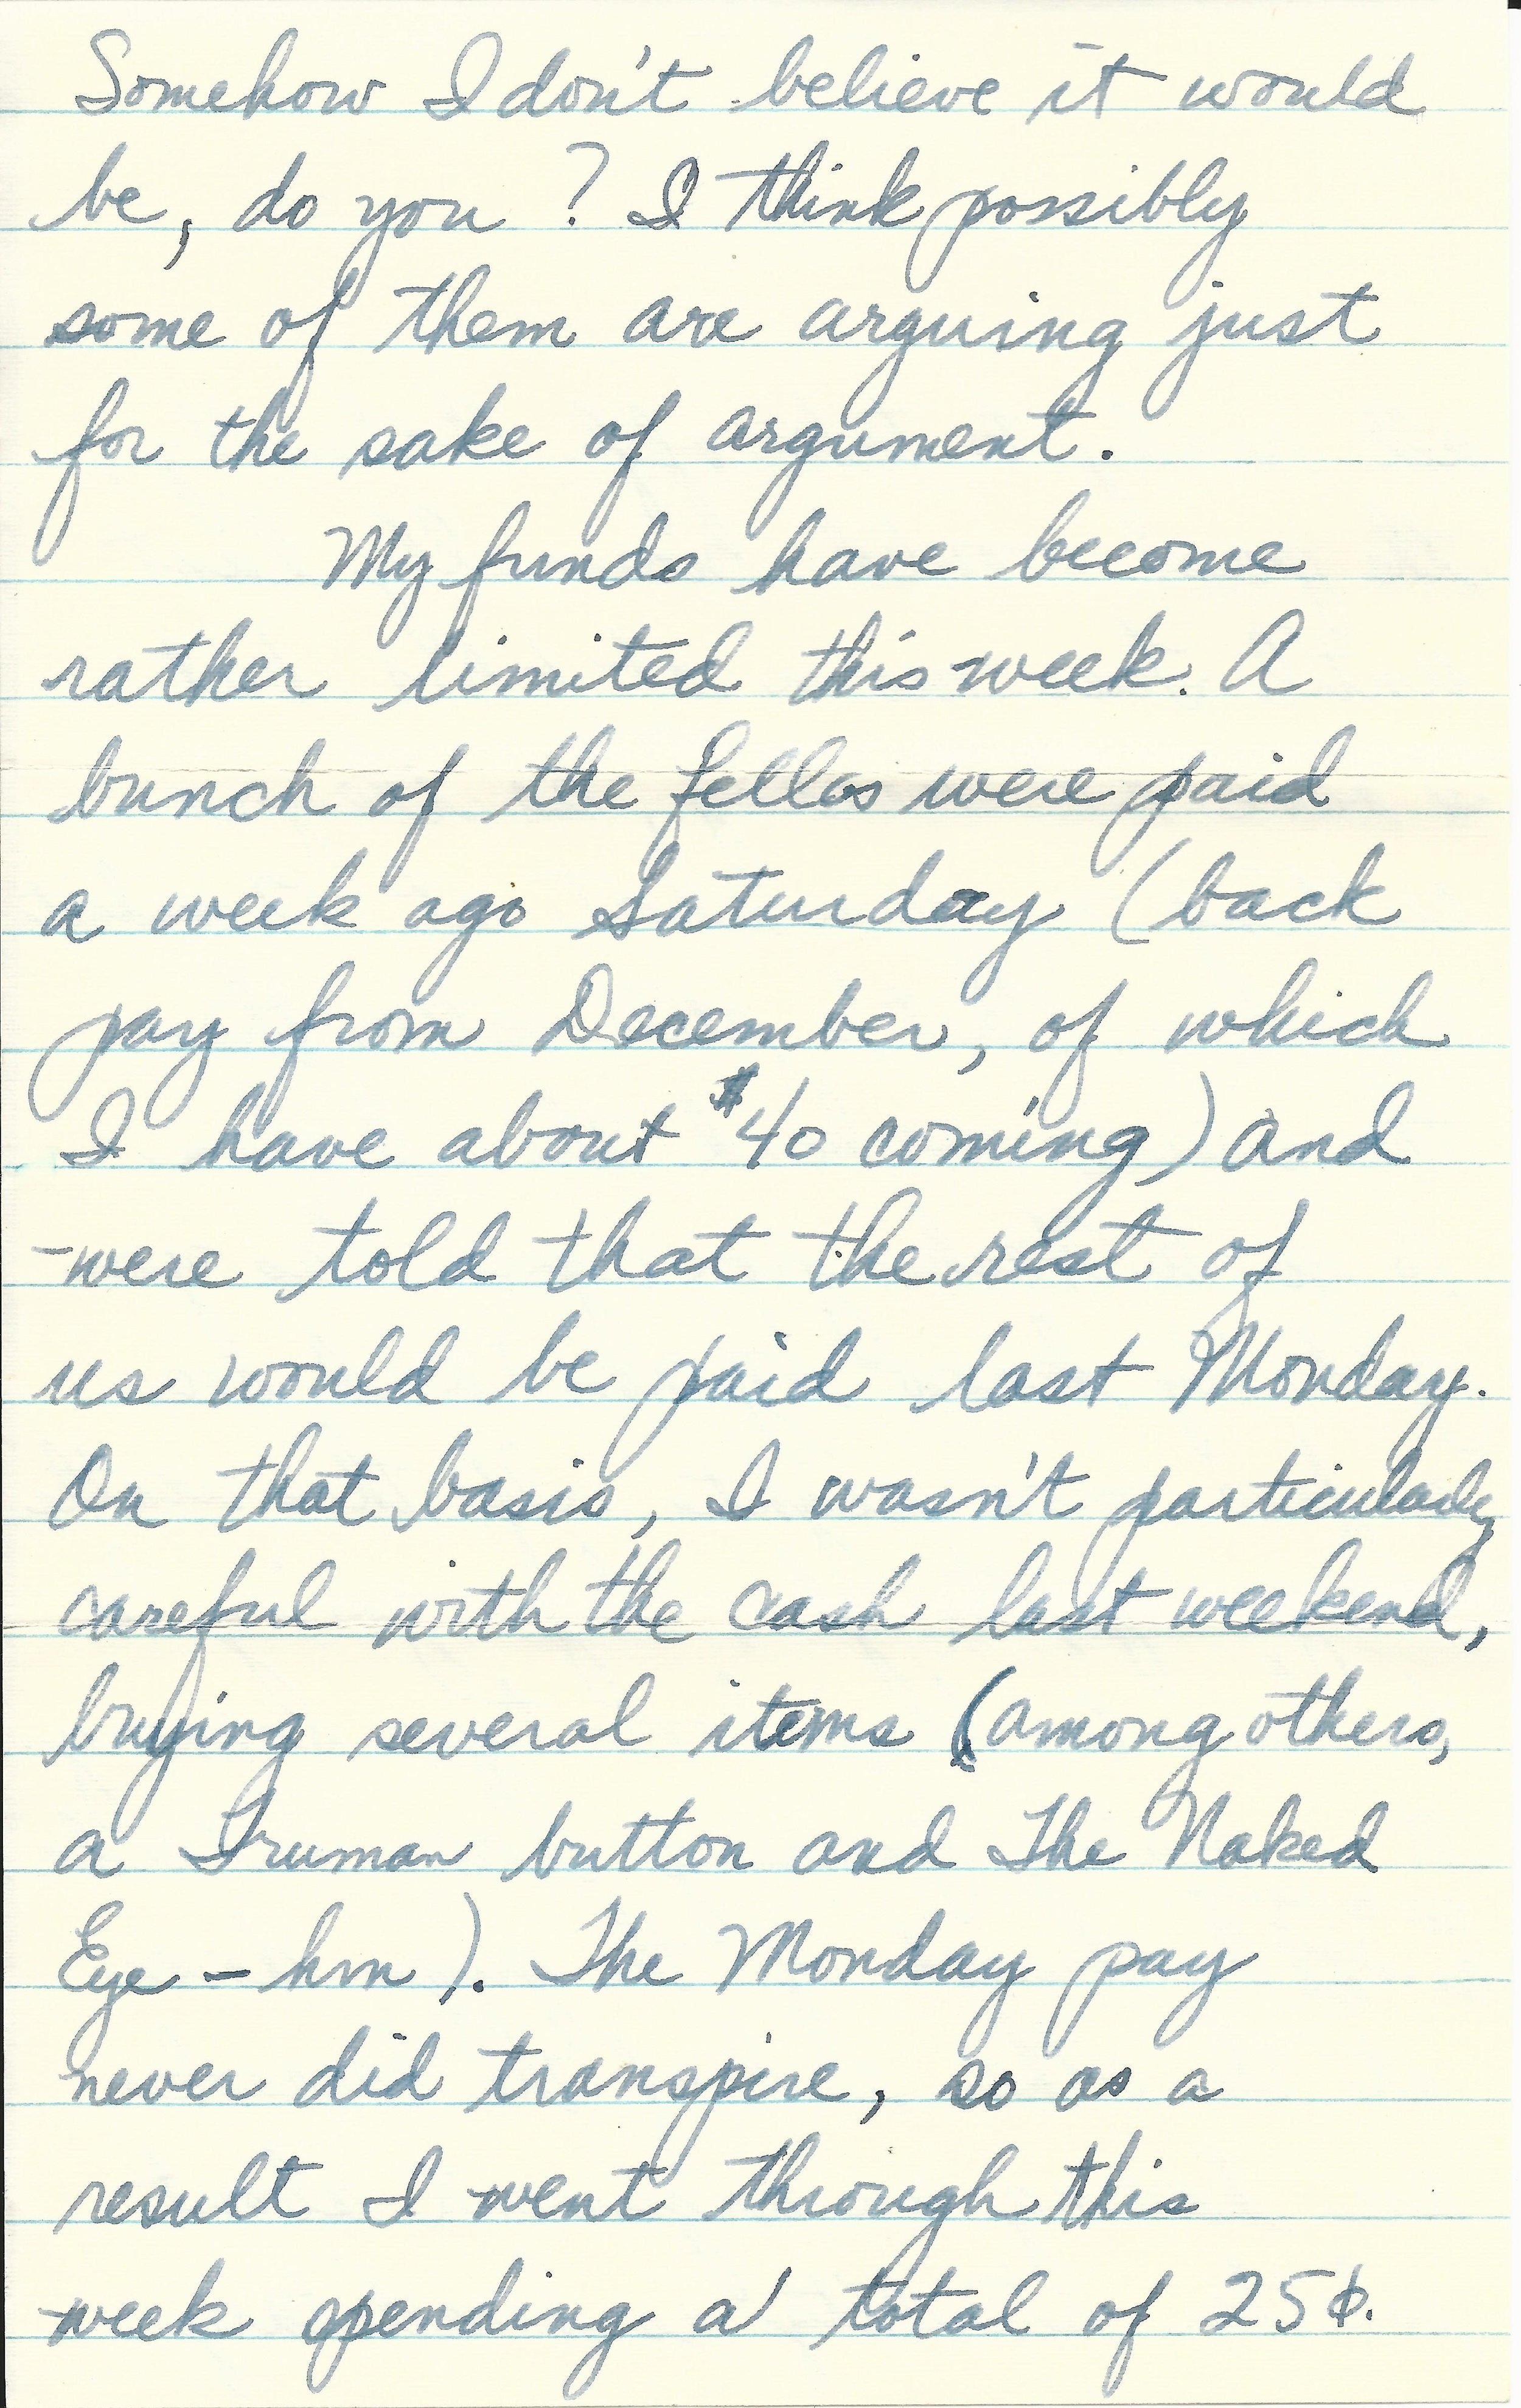 12. Jan. 24, 1953 (Opa)_Page_5.jpg